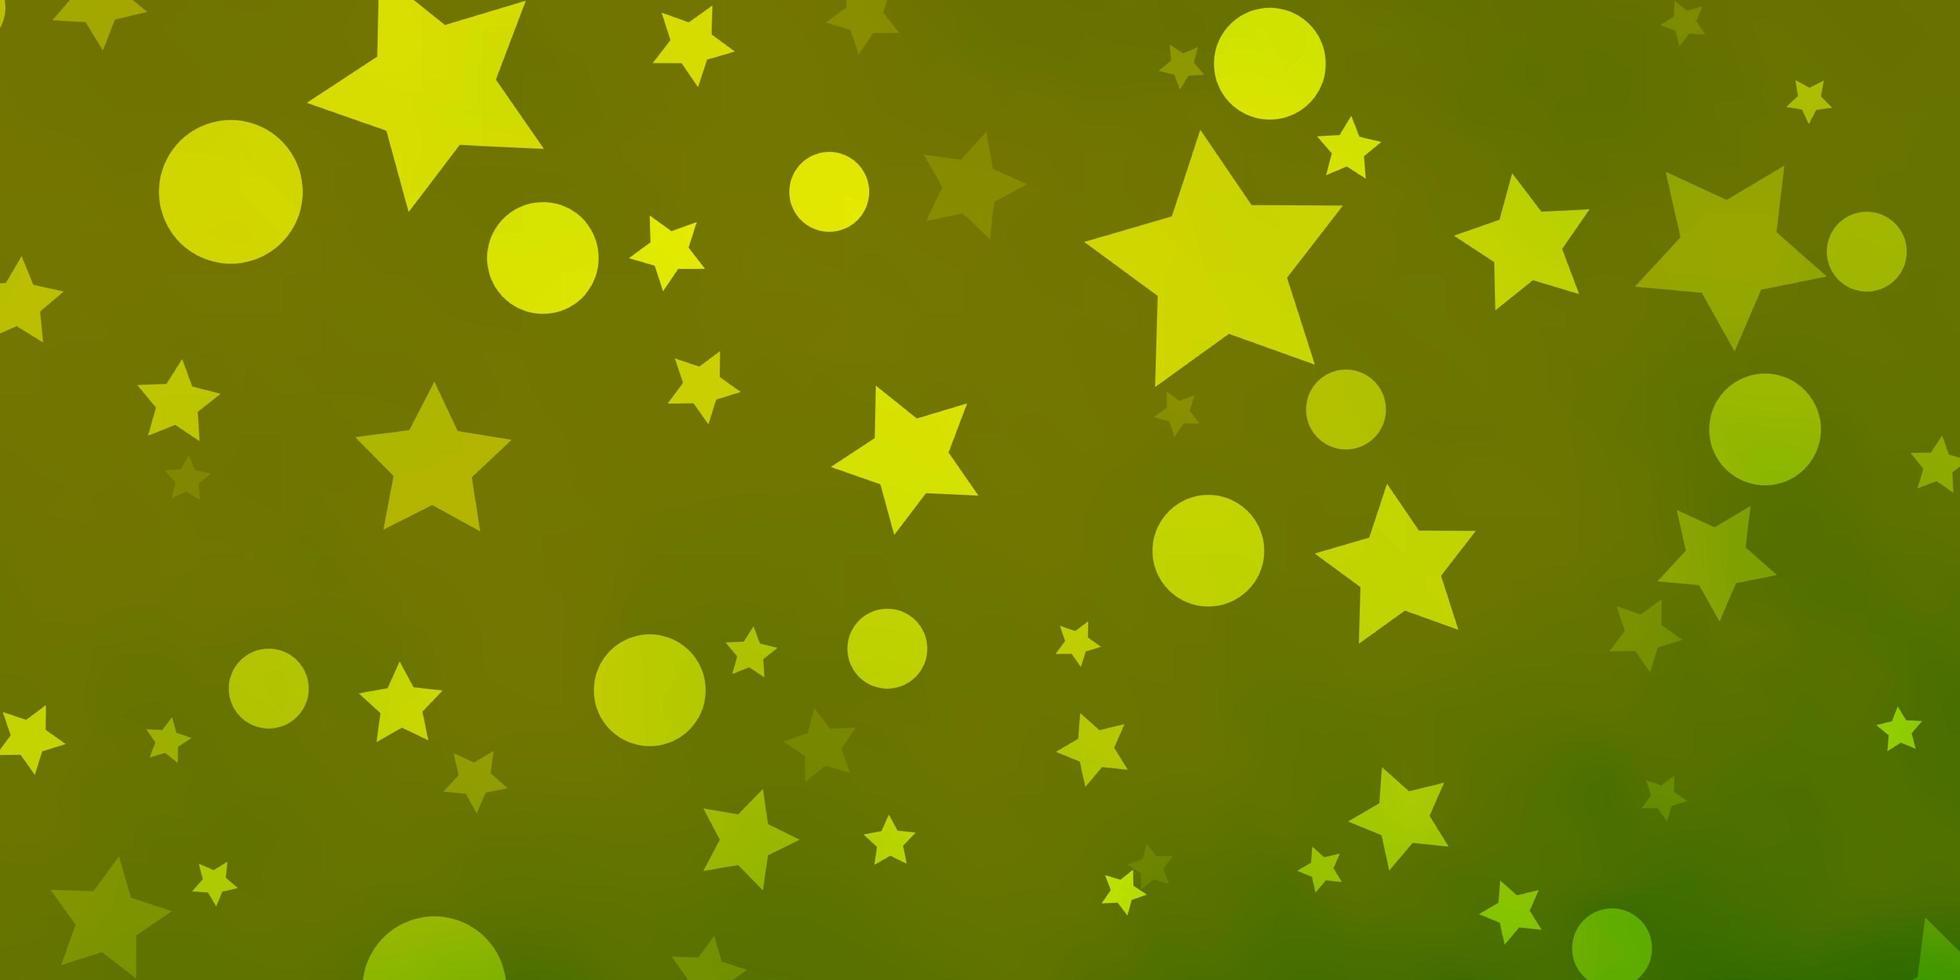 fondo verde claro, amarillo con círculos, estrellas. vector